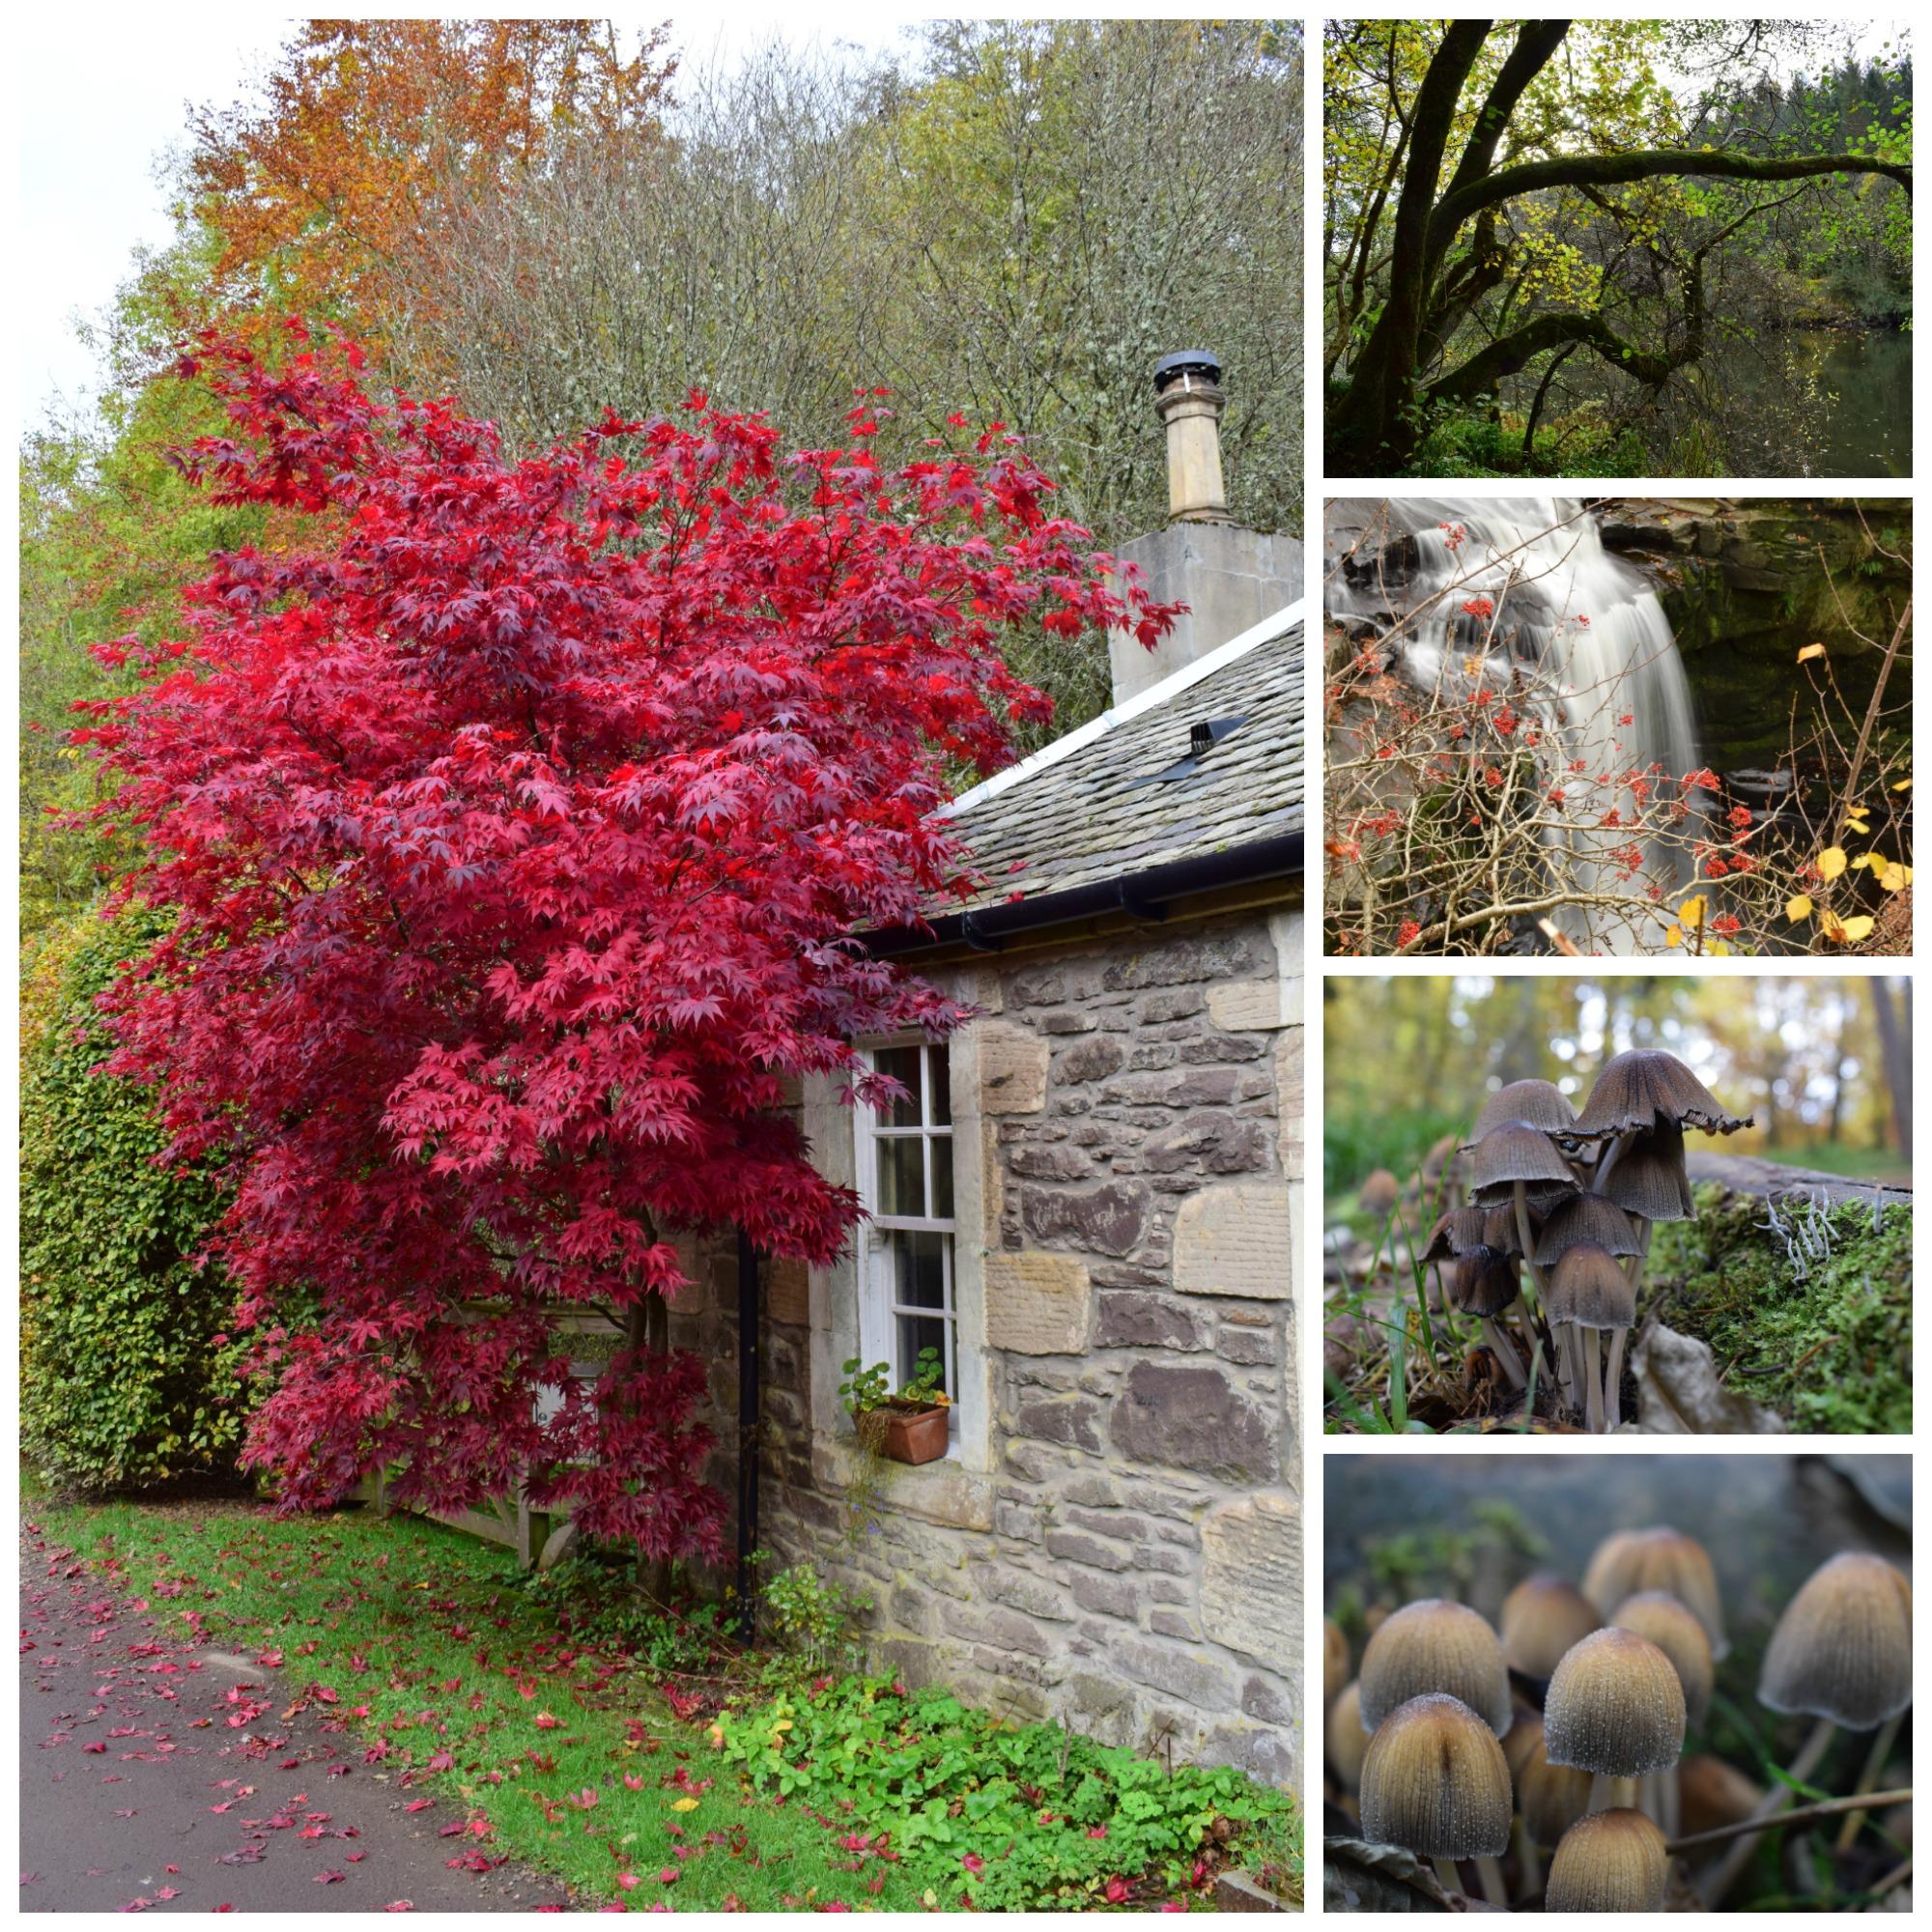 Red in Autumn (C) Tom McIntosh